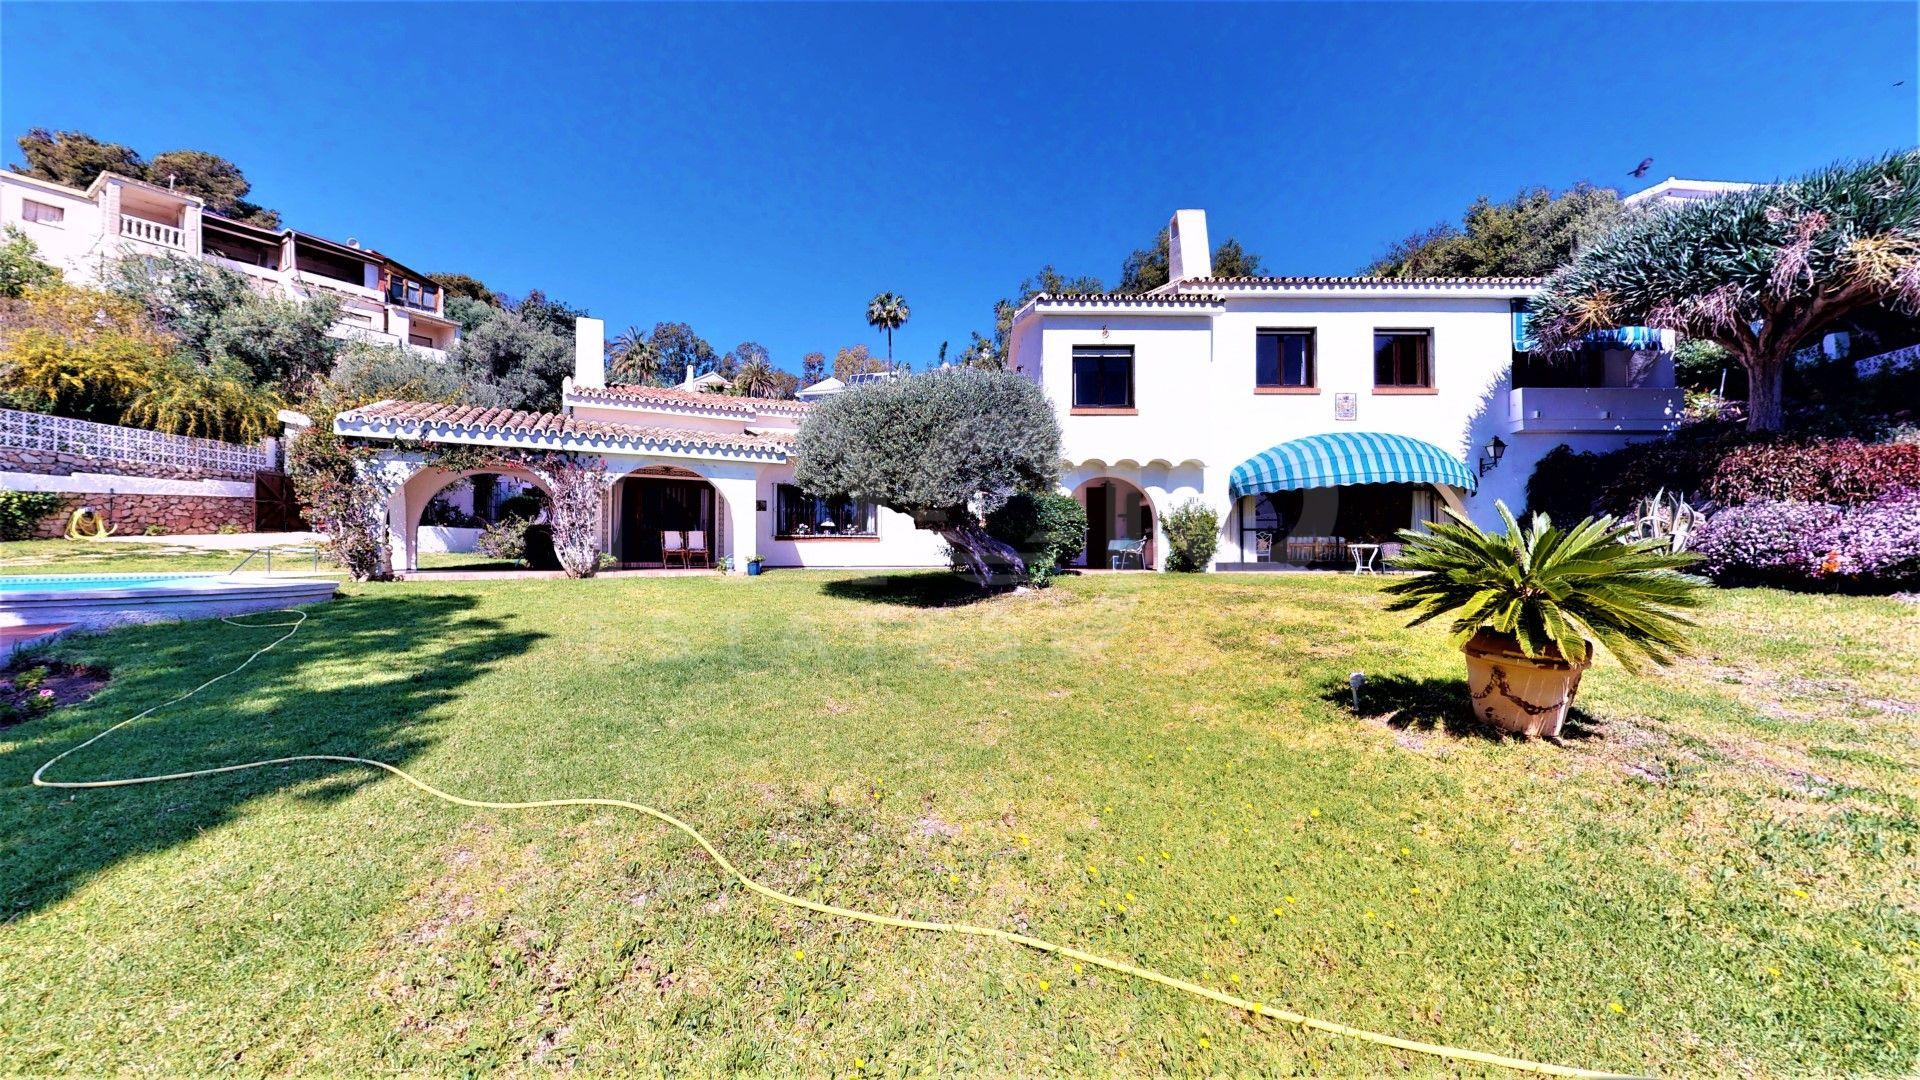 Villa à vendre dans Torremuelle, Benalmadena